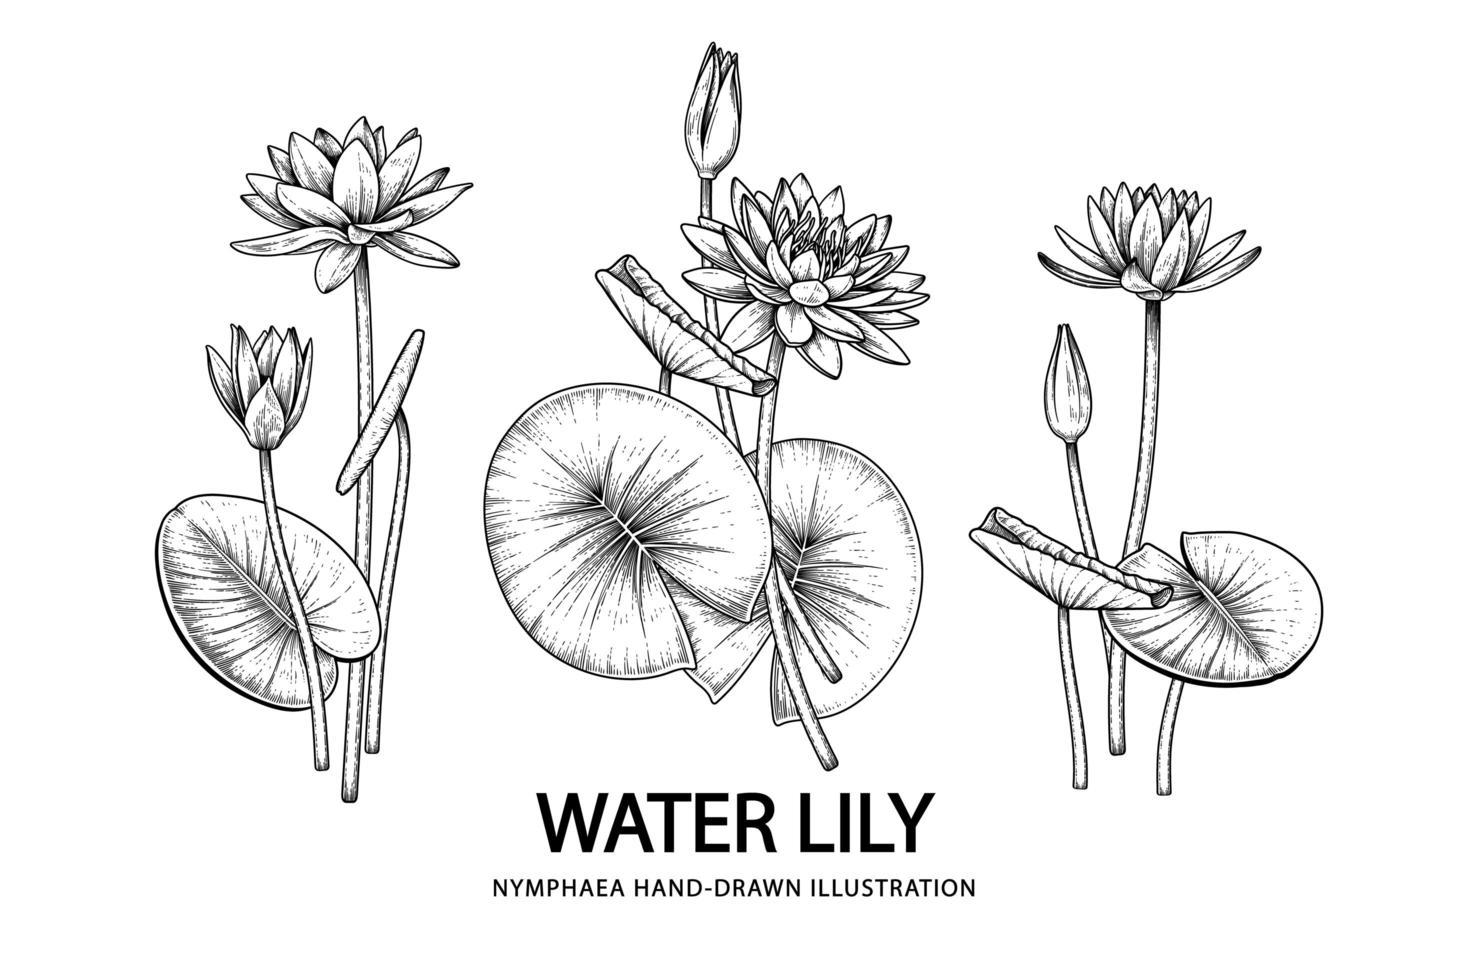 skiss blommig dekorativ uppsättning. vattenlilja blommateckningar. svart linjekonst isolerad på vita bakgrunder. handritade botaniska illustrationer. element vektor. vektor